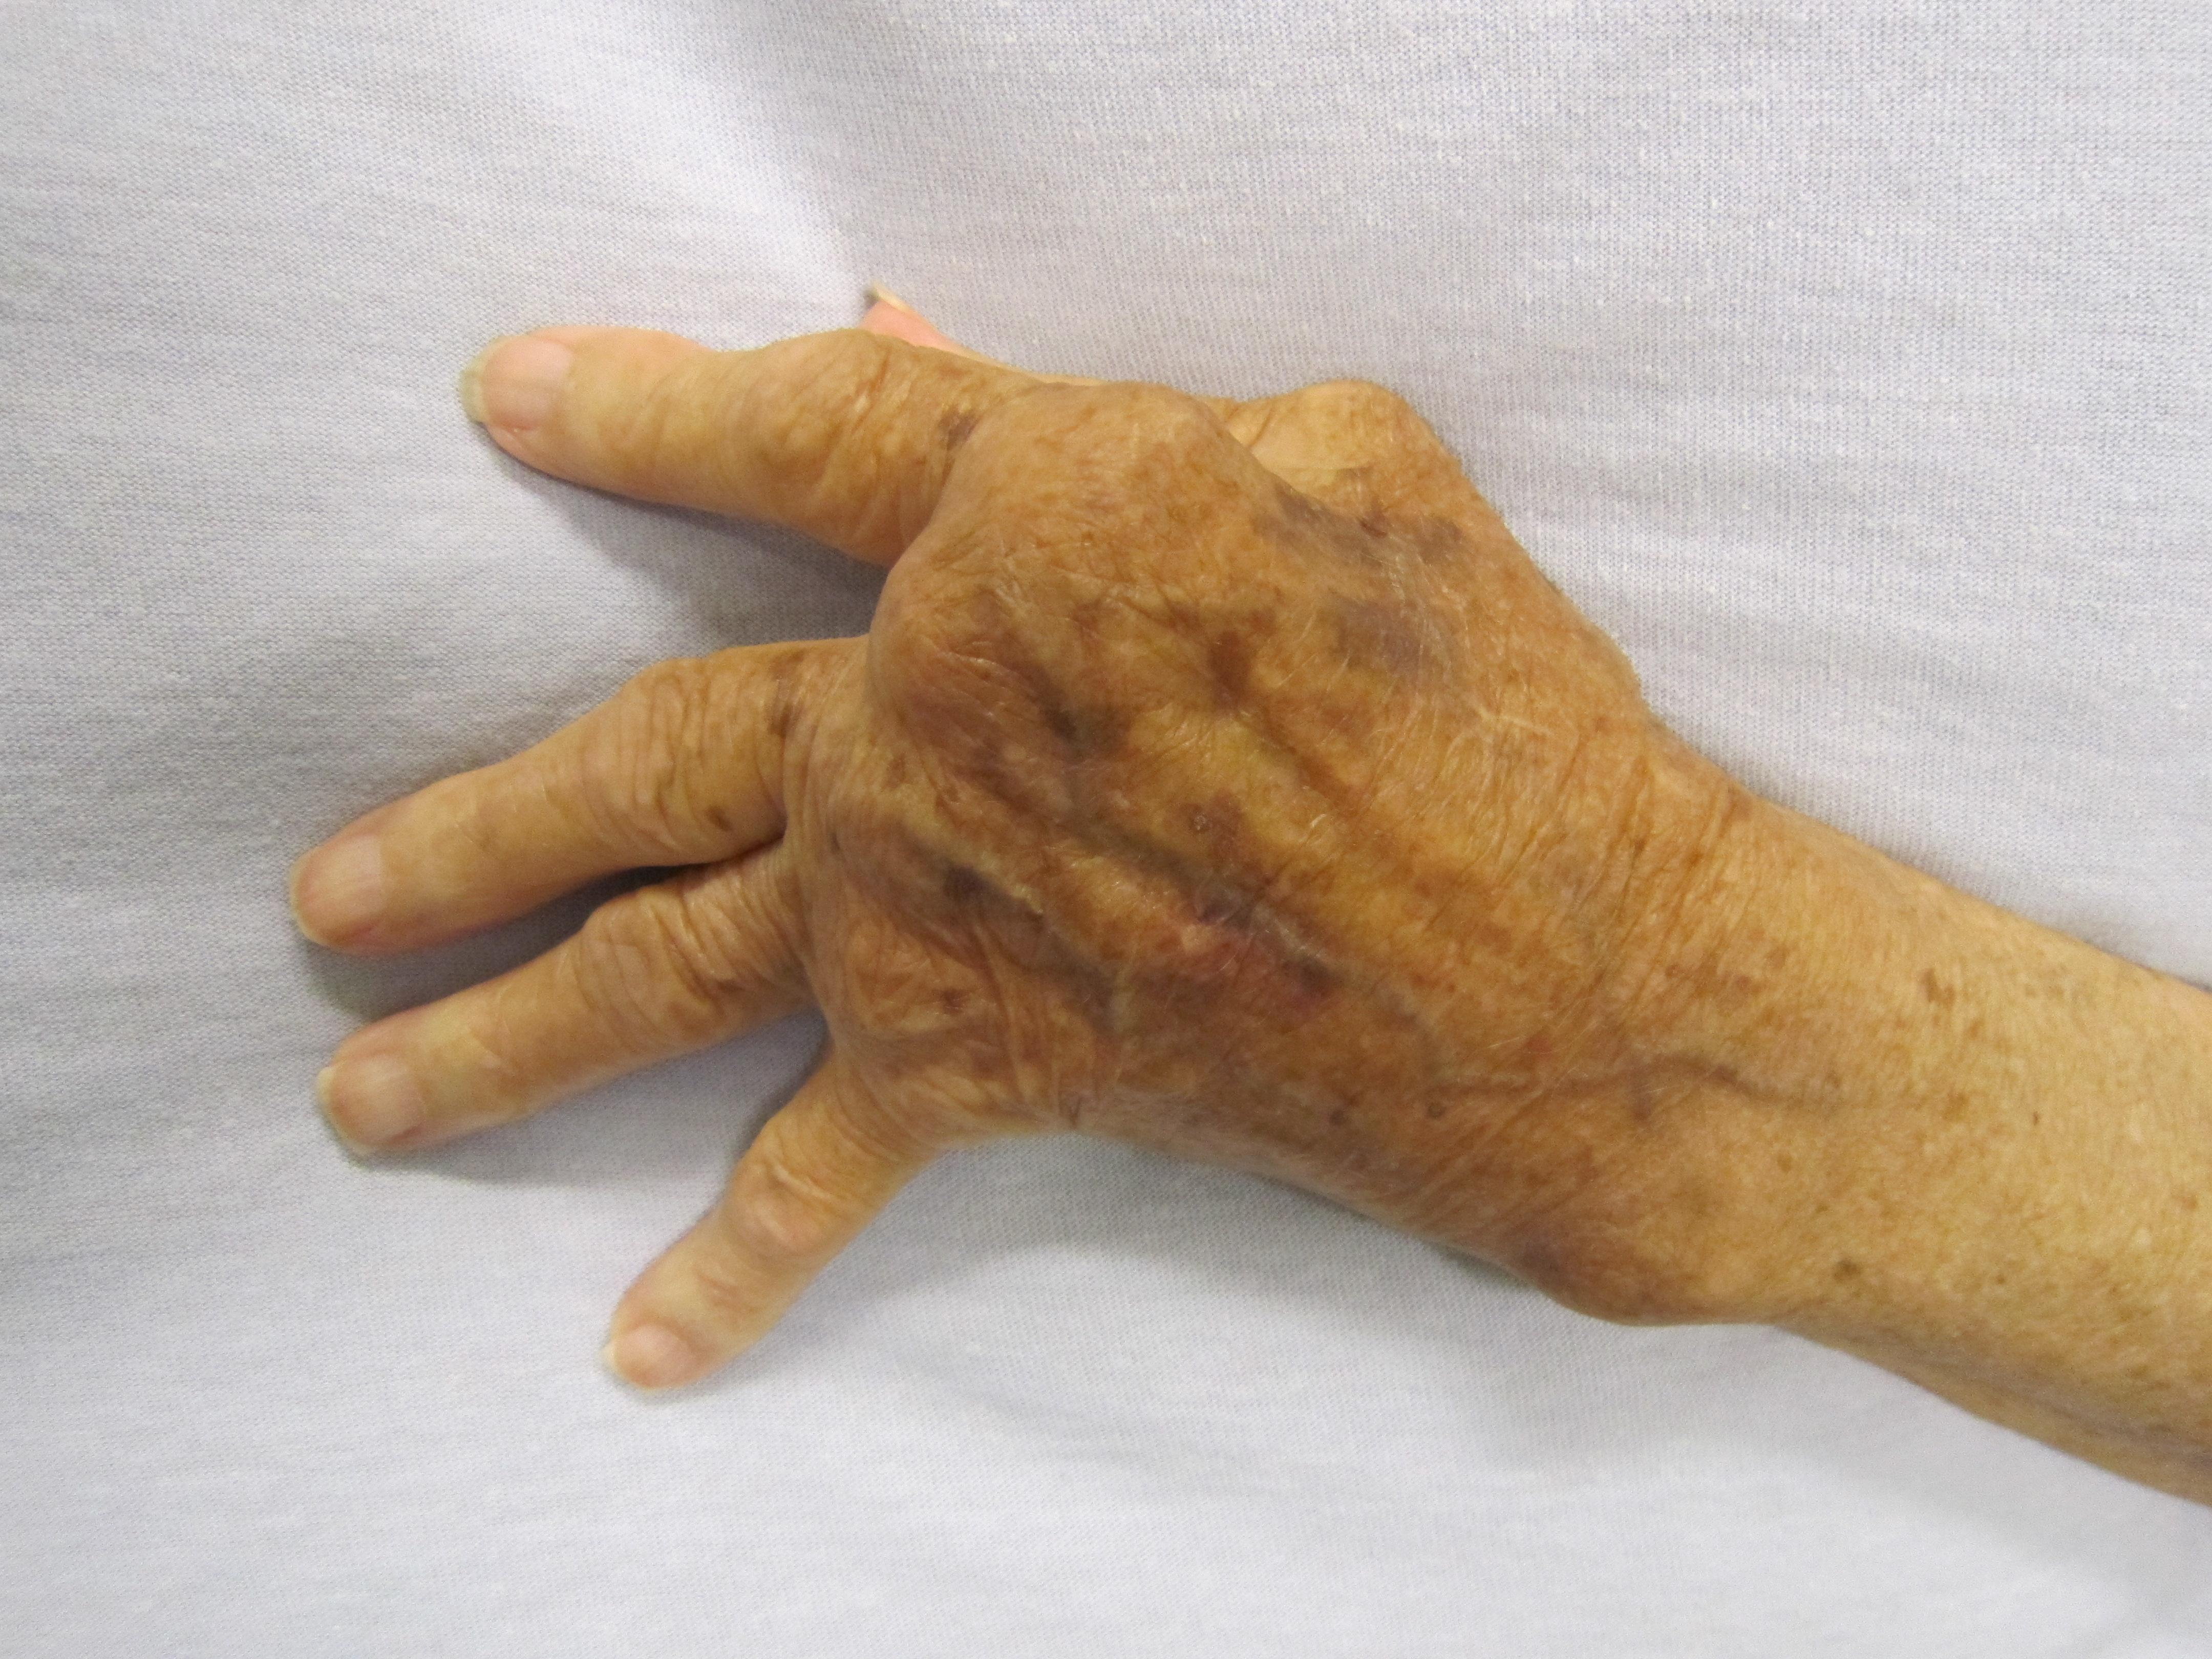 izületi csomók kezelése ízületi fájdalom a fül felé fordul